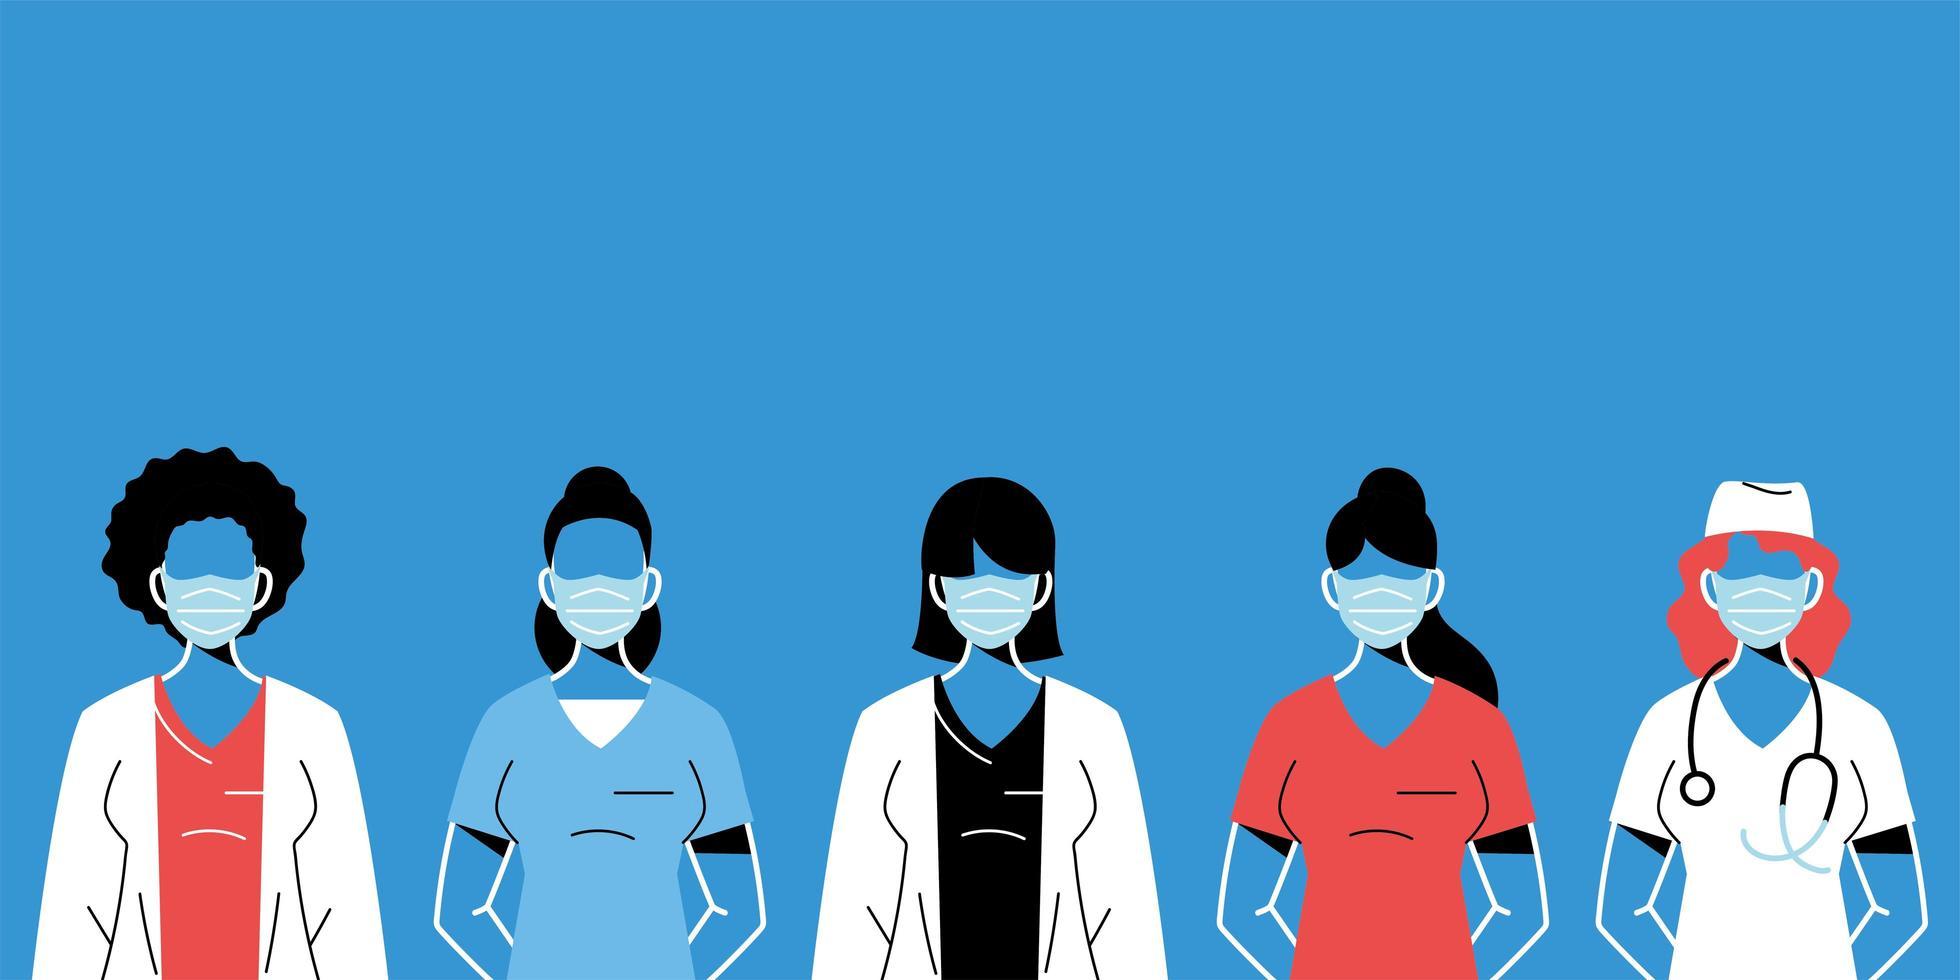 médicas com máscaras e uniformes vetor